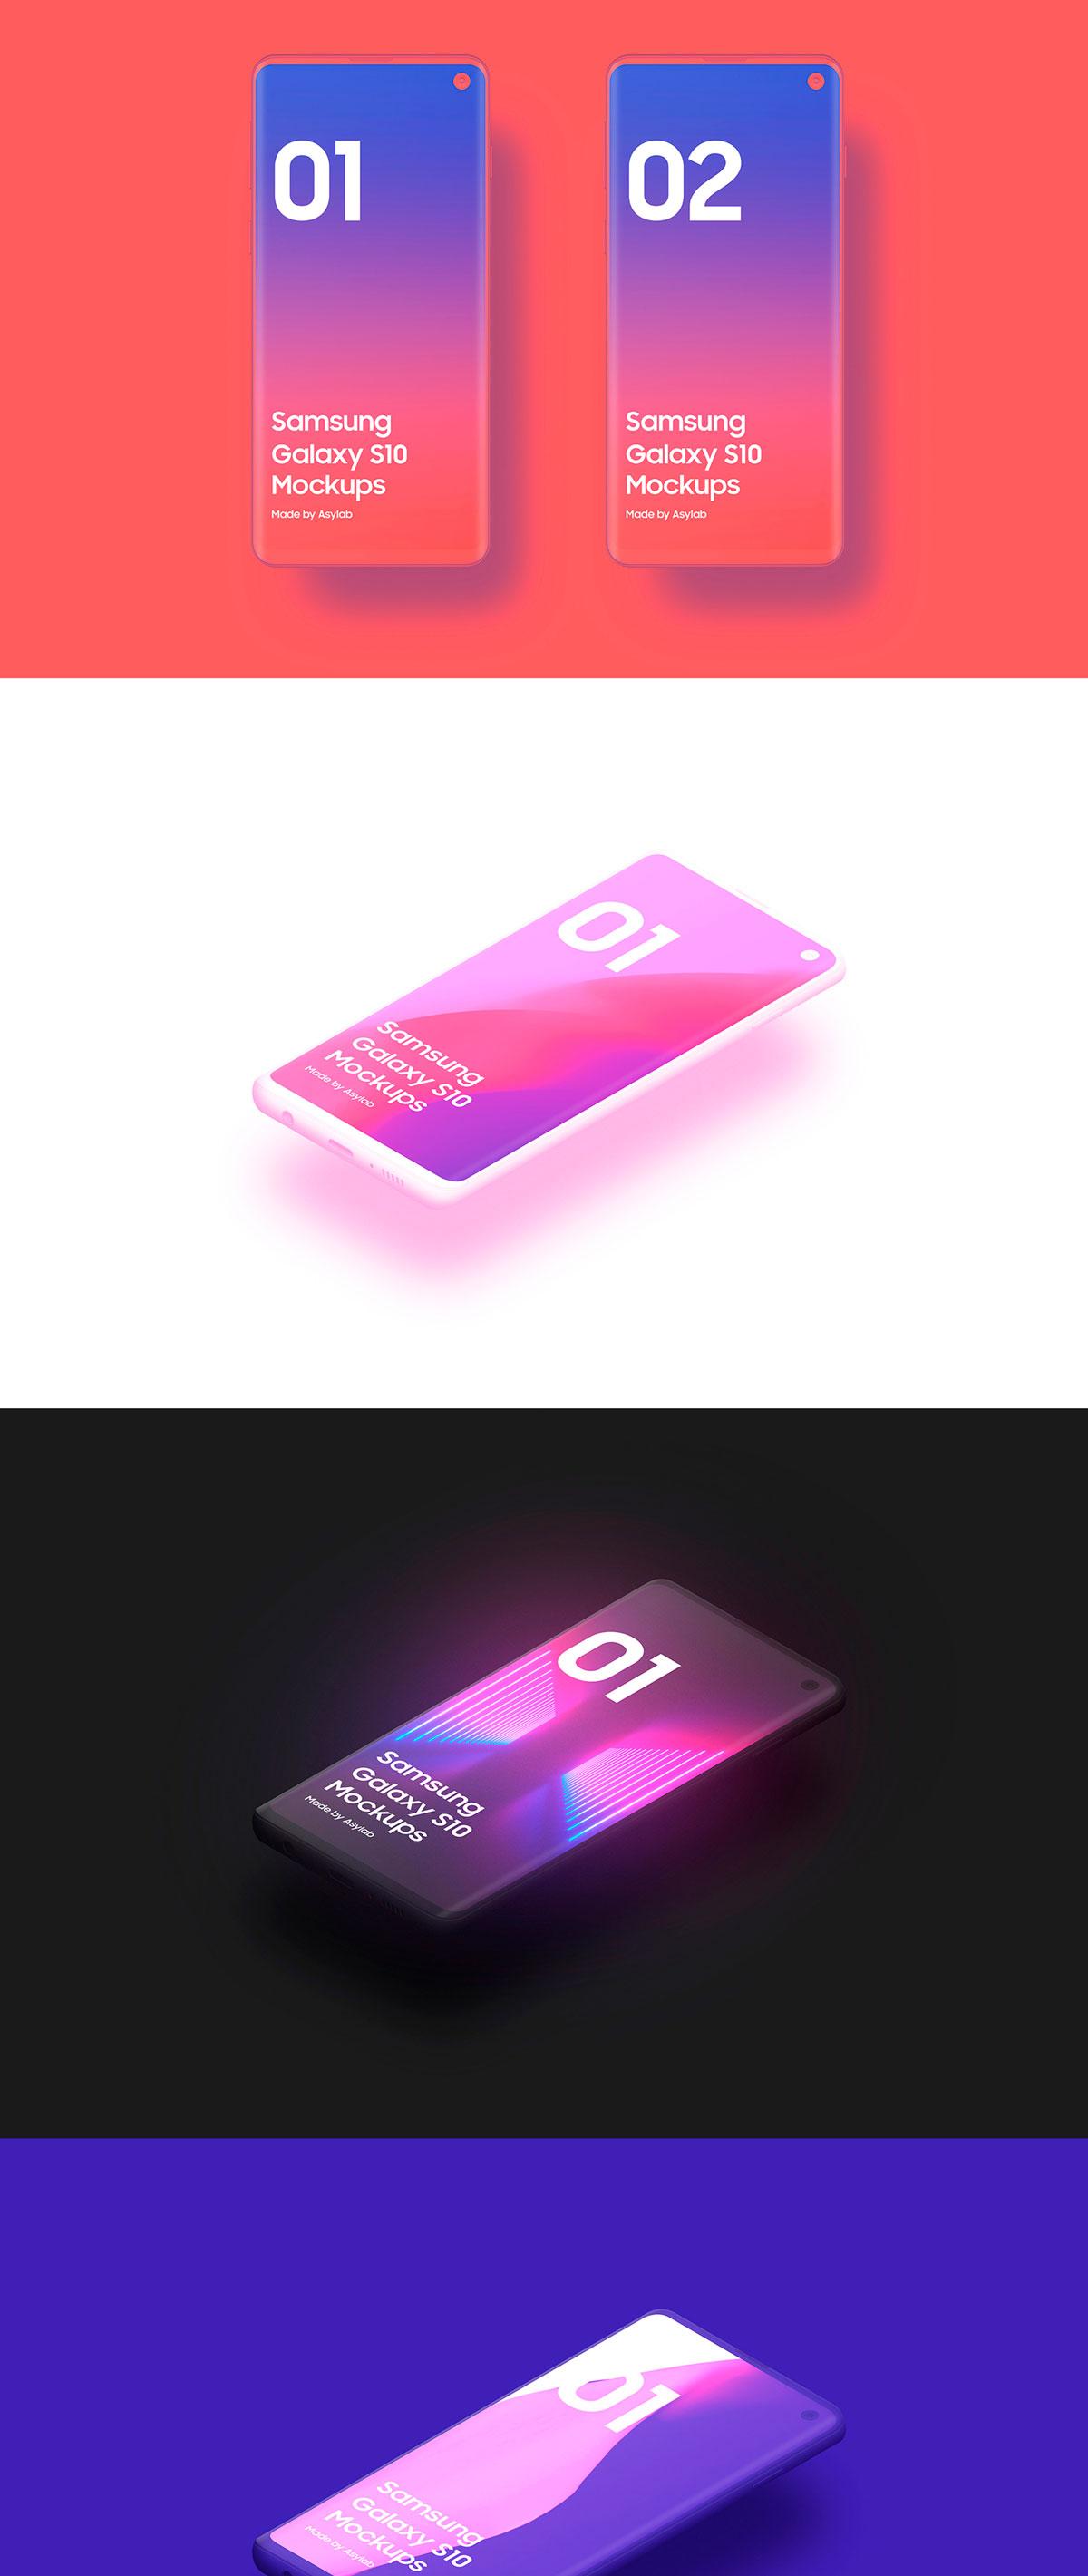 陶瓷质感三星Galaxy S10智能手机样机模板 Samsung Galaxy S10 – 21 Clay Mockups插图(12)